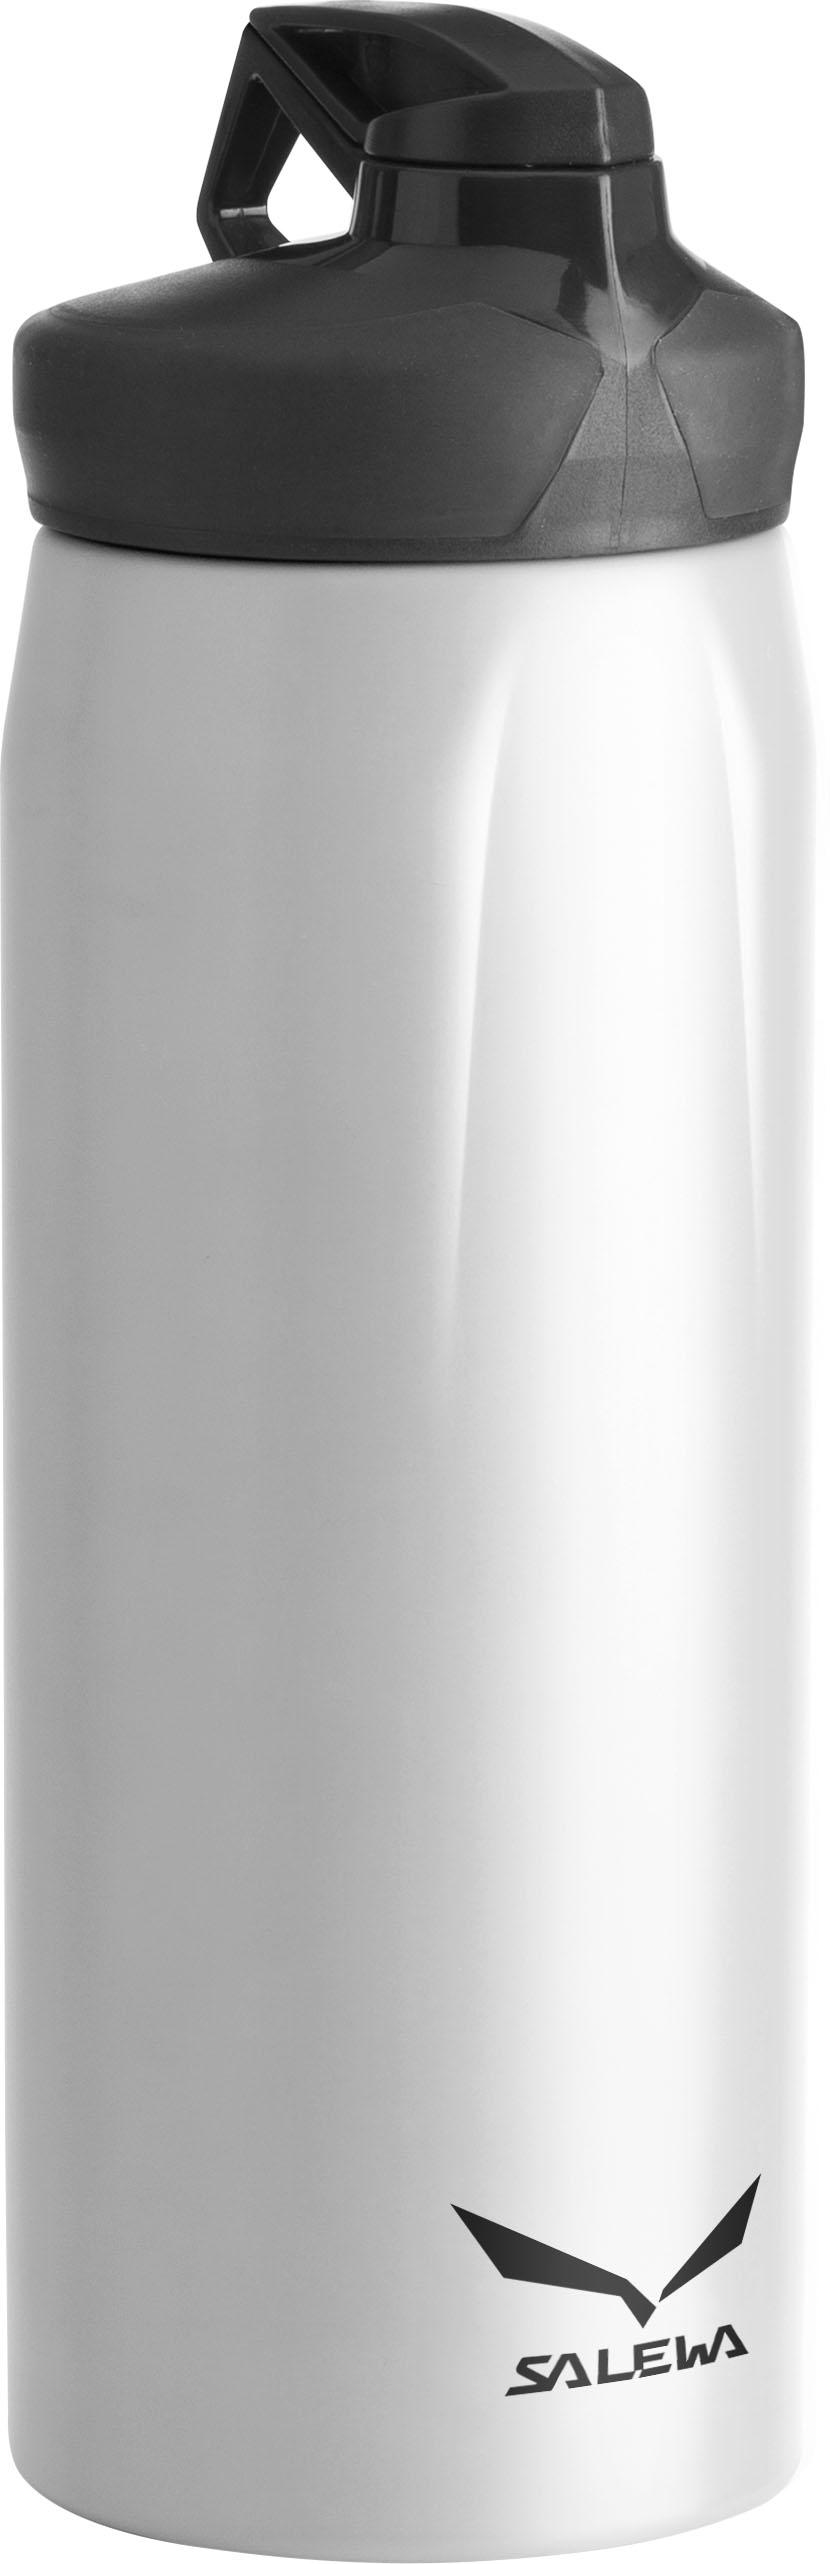 Фляга Salewa Bottles HIKER BOTTLE 0,75 L COOL GREY / - артикул: 715660170